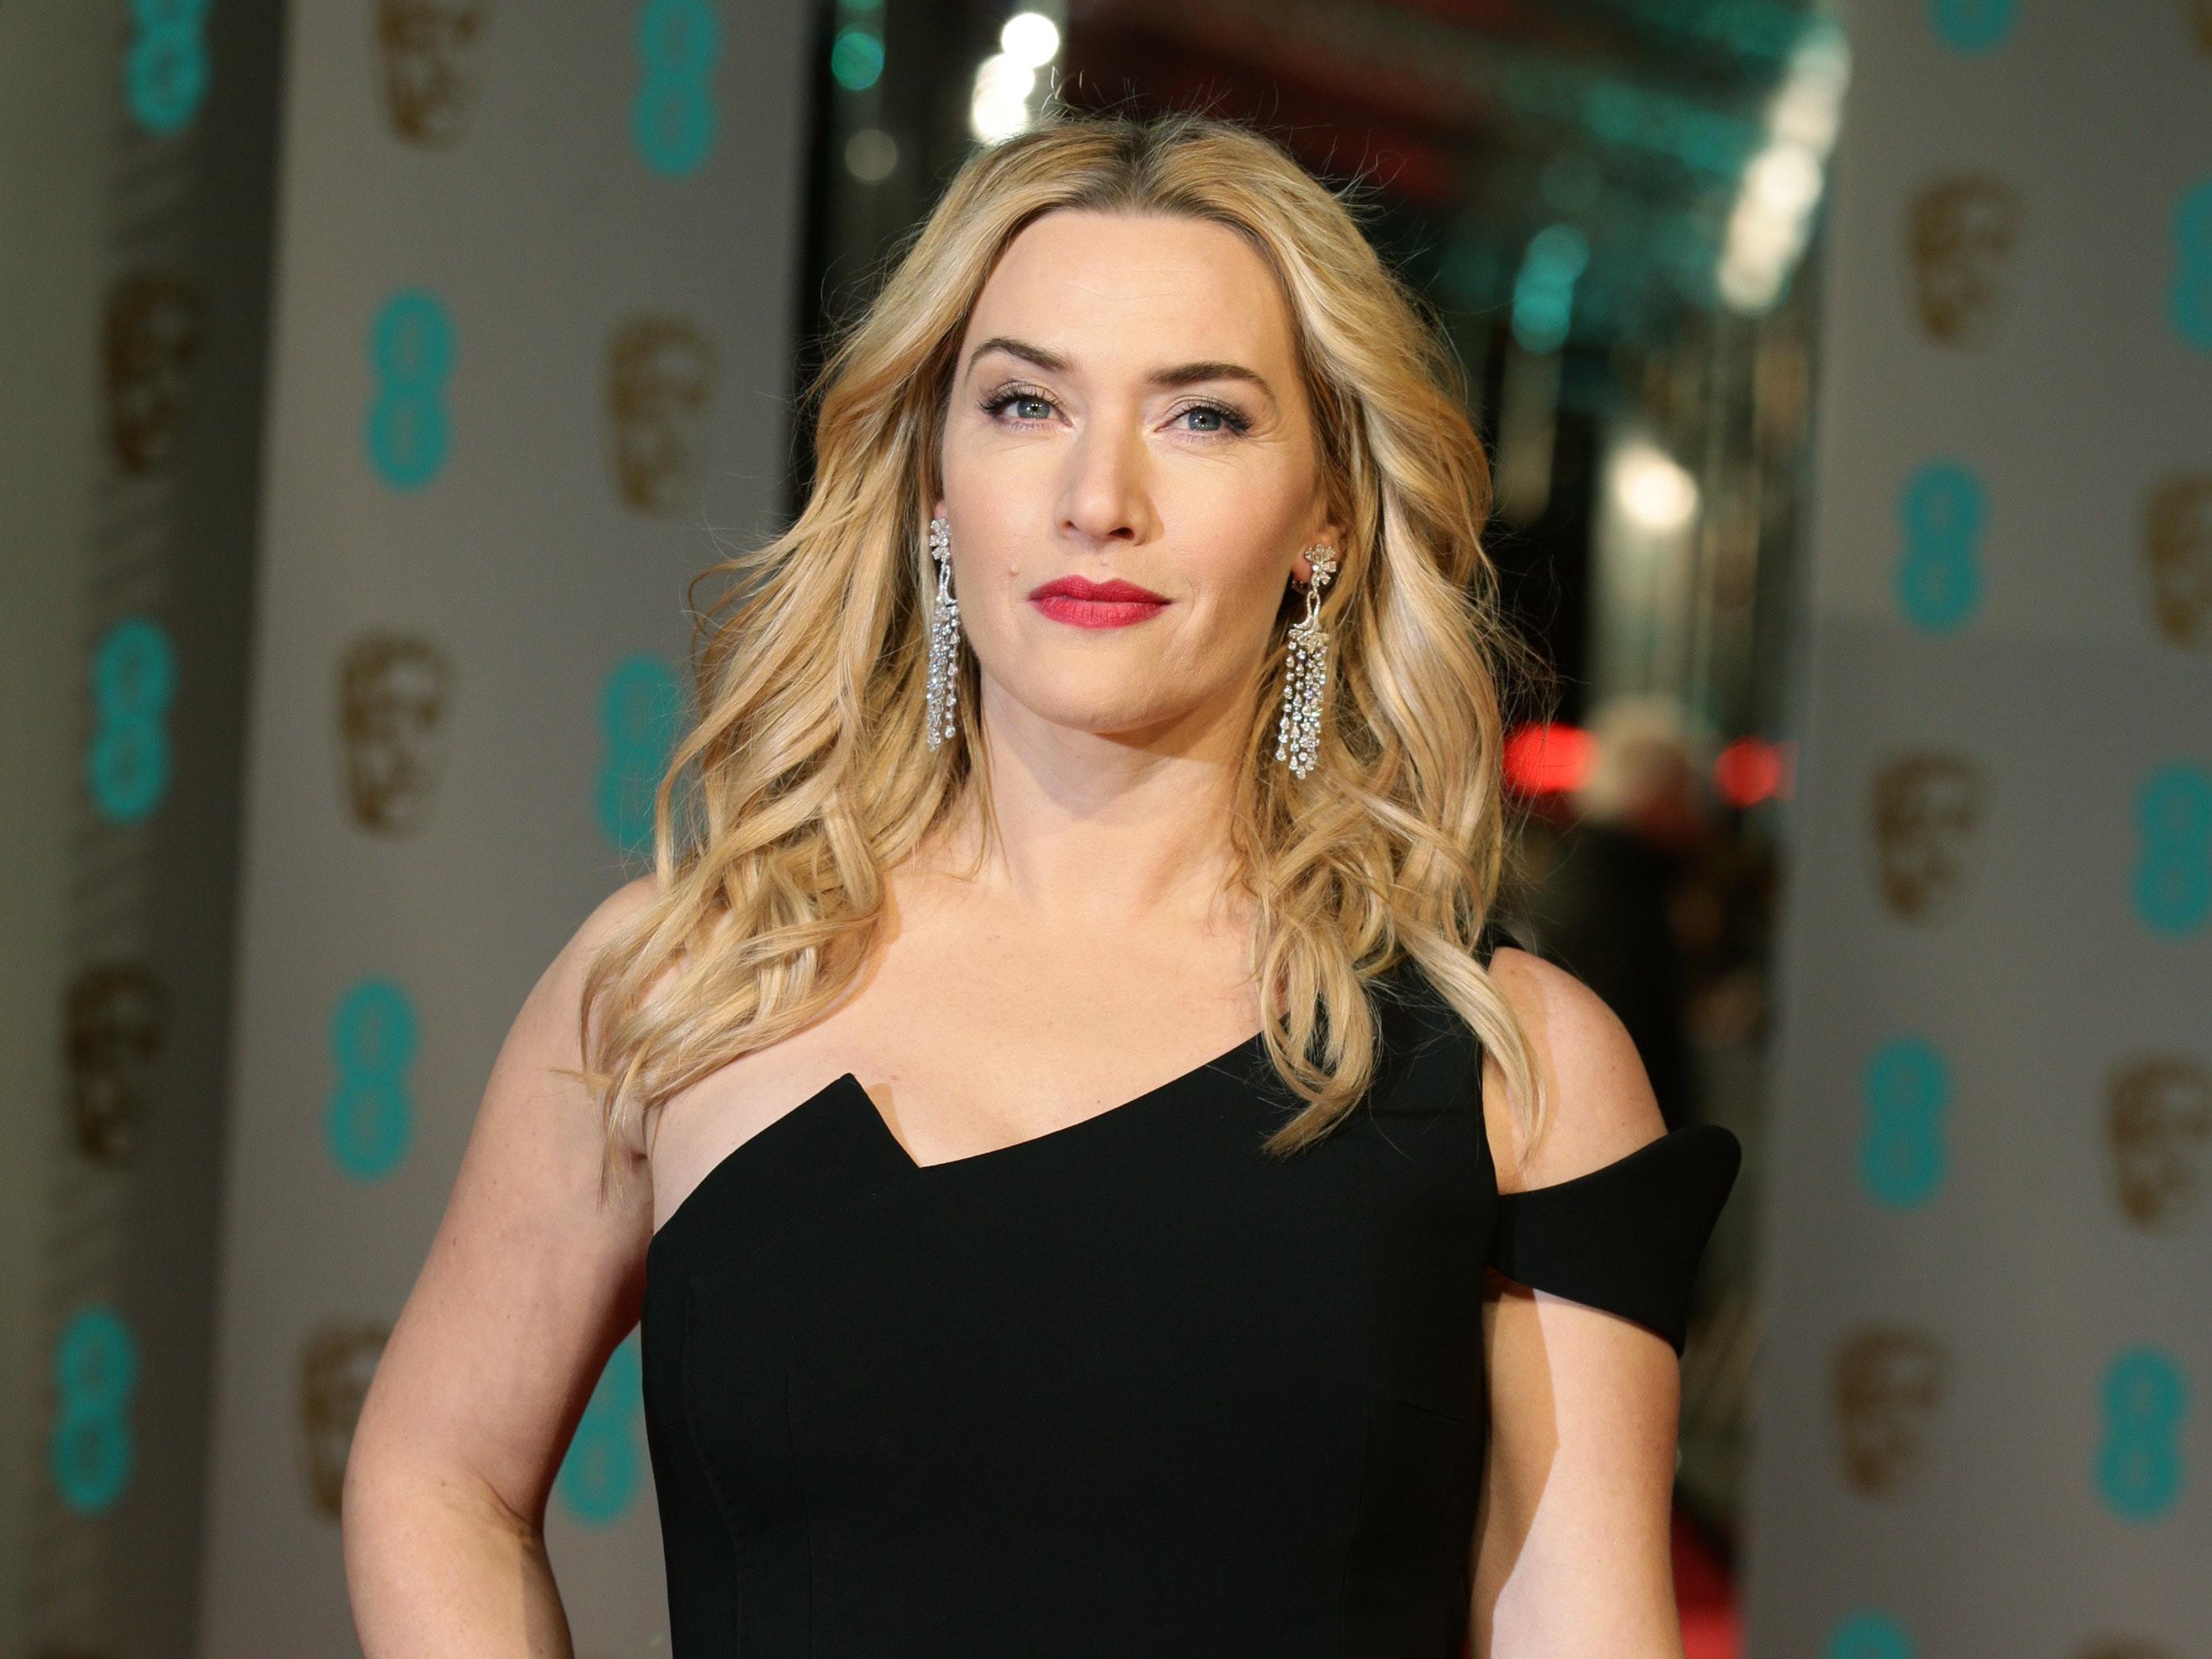 Kate Winslet raises ovarian cancer awareness following mother's death - Evening Express - Aberdeen Evening Express